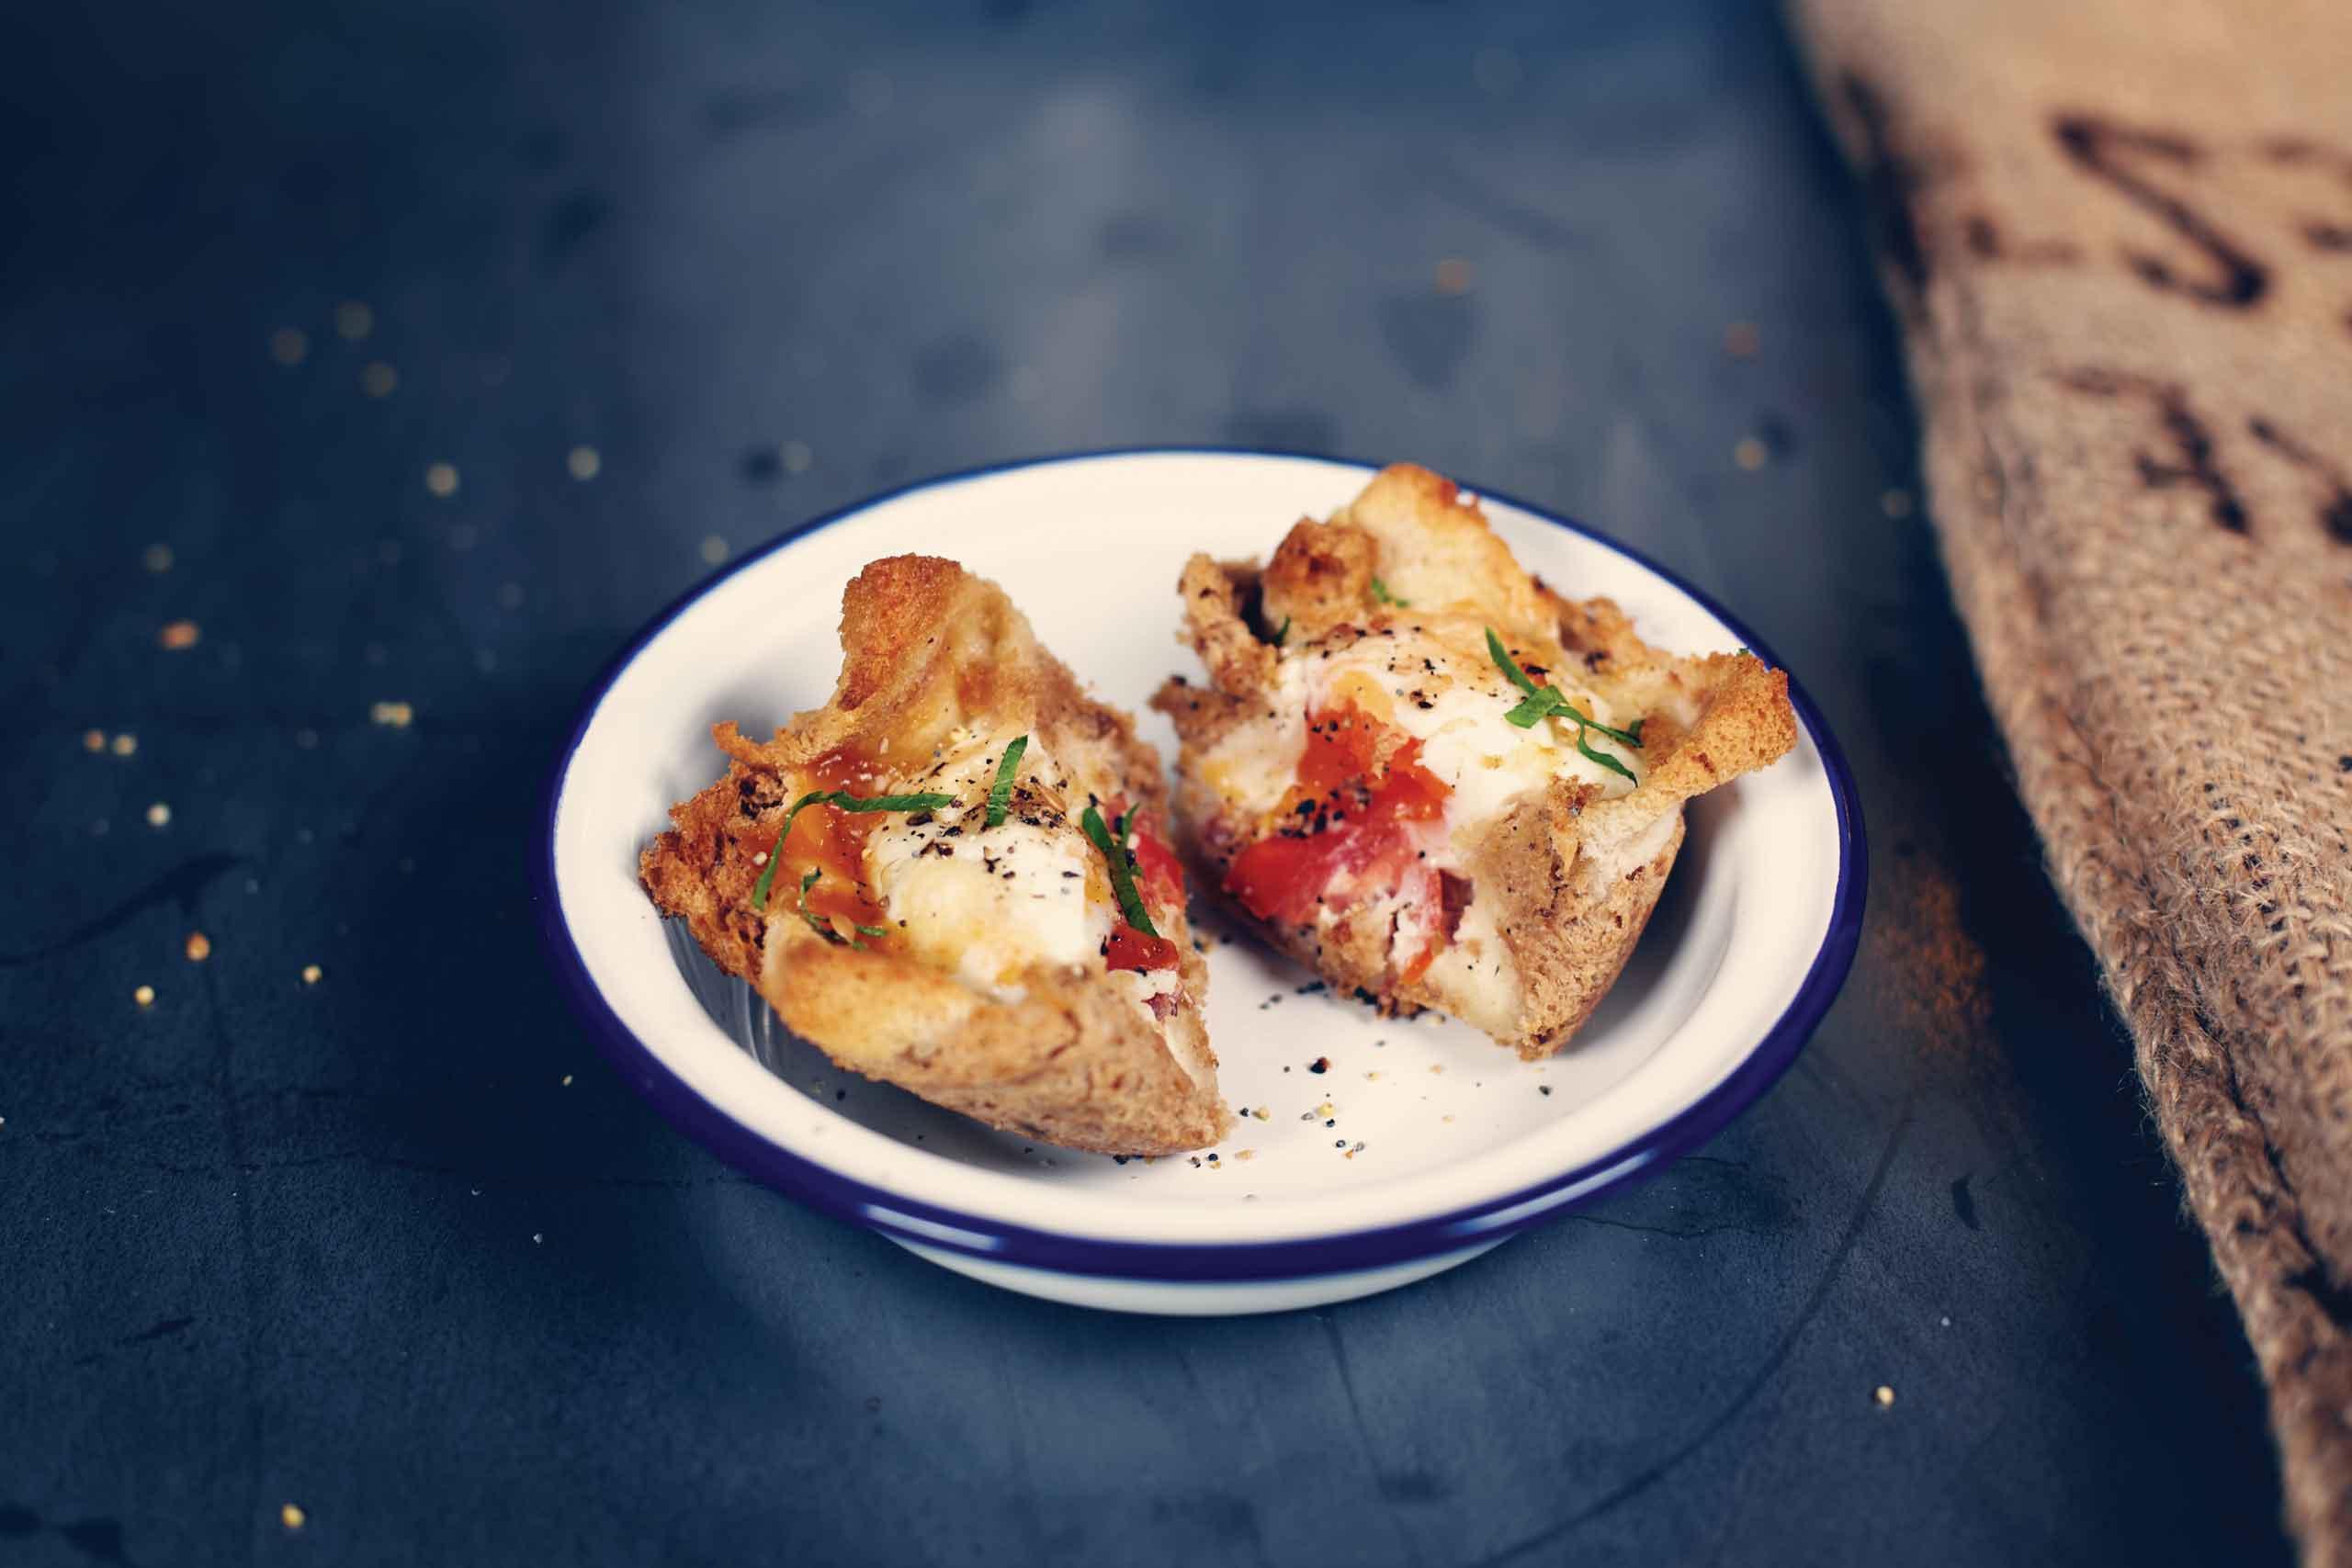 friska feel good food photography